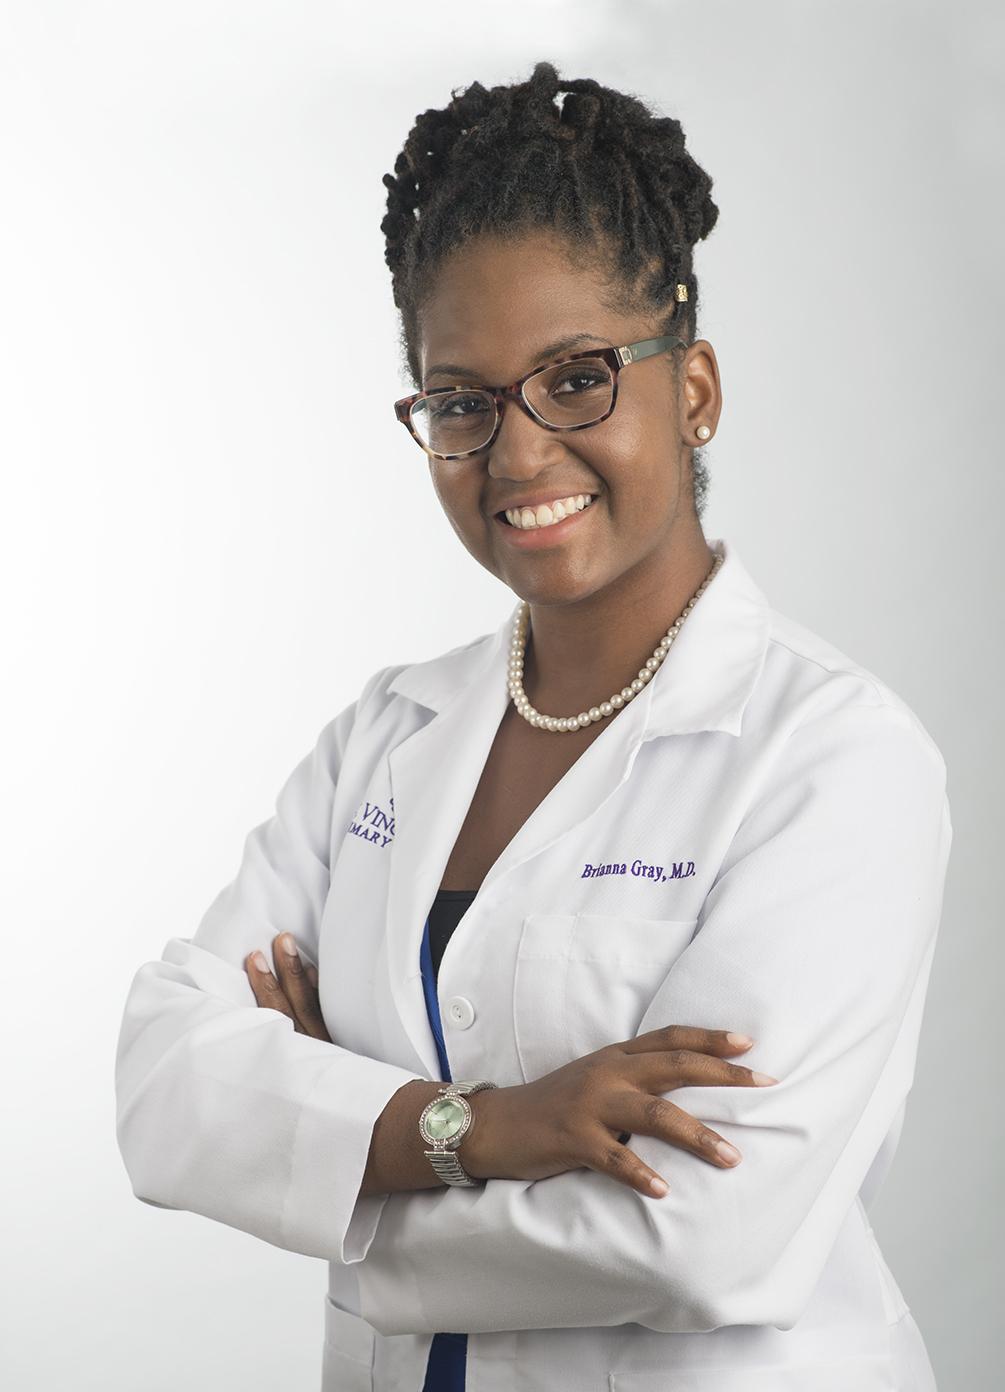 Briana Gray, MD